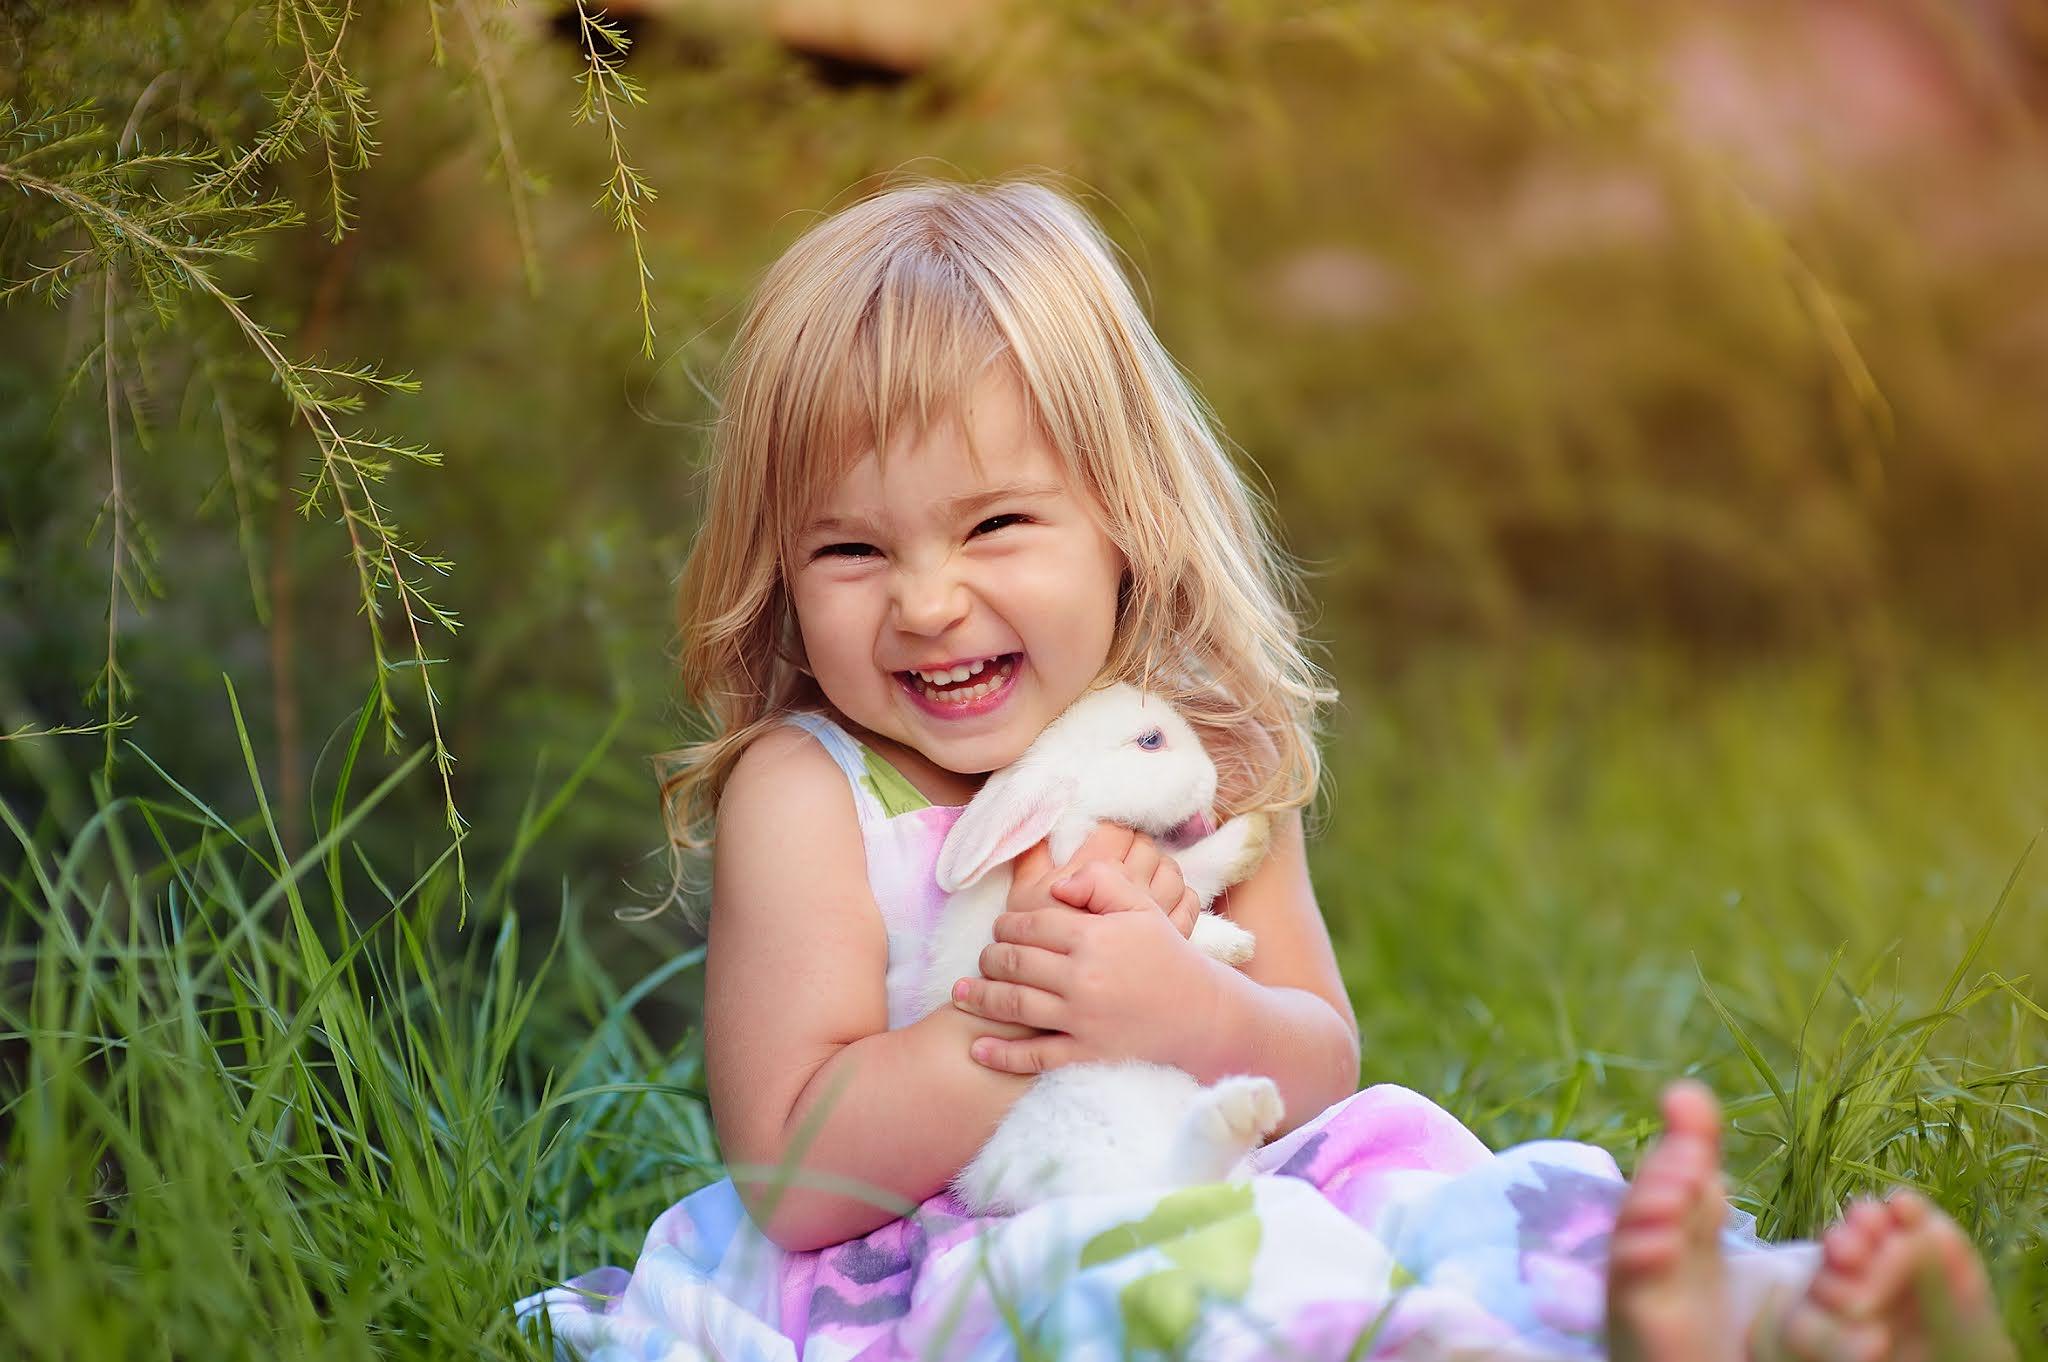 احلى الصور للاطفال الصغار